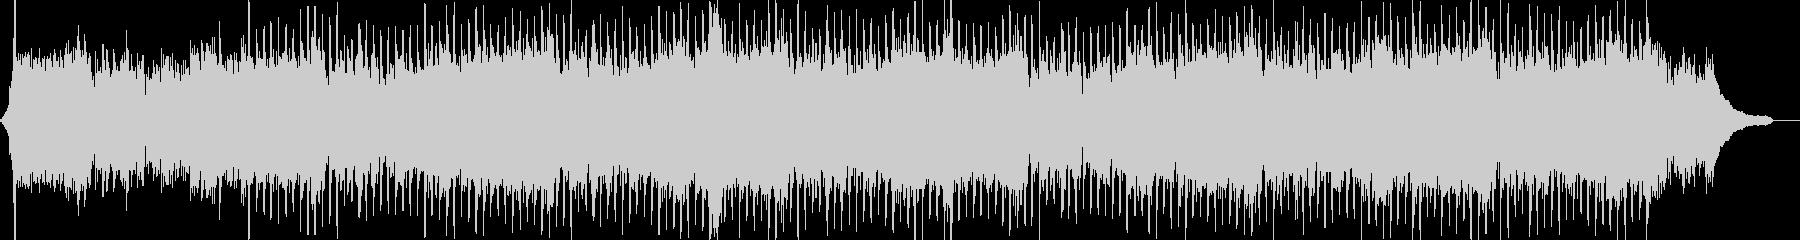 企業VP系47、爽やかピアノ4つ打ちaの未再生の波形